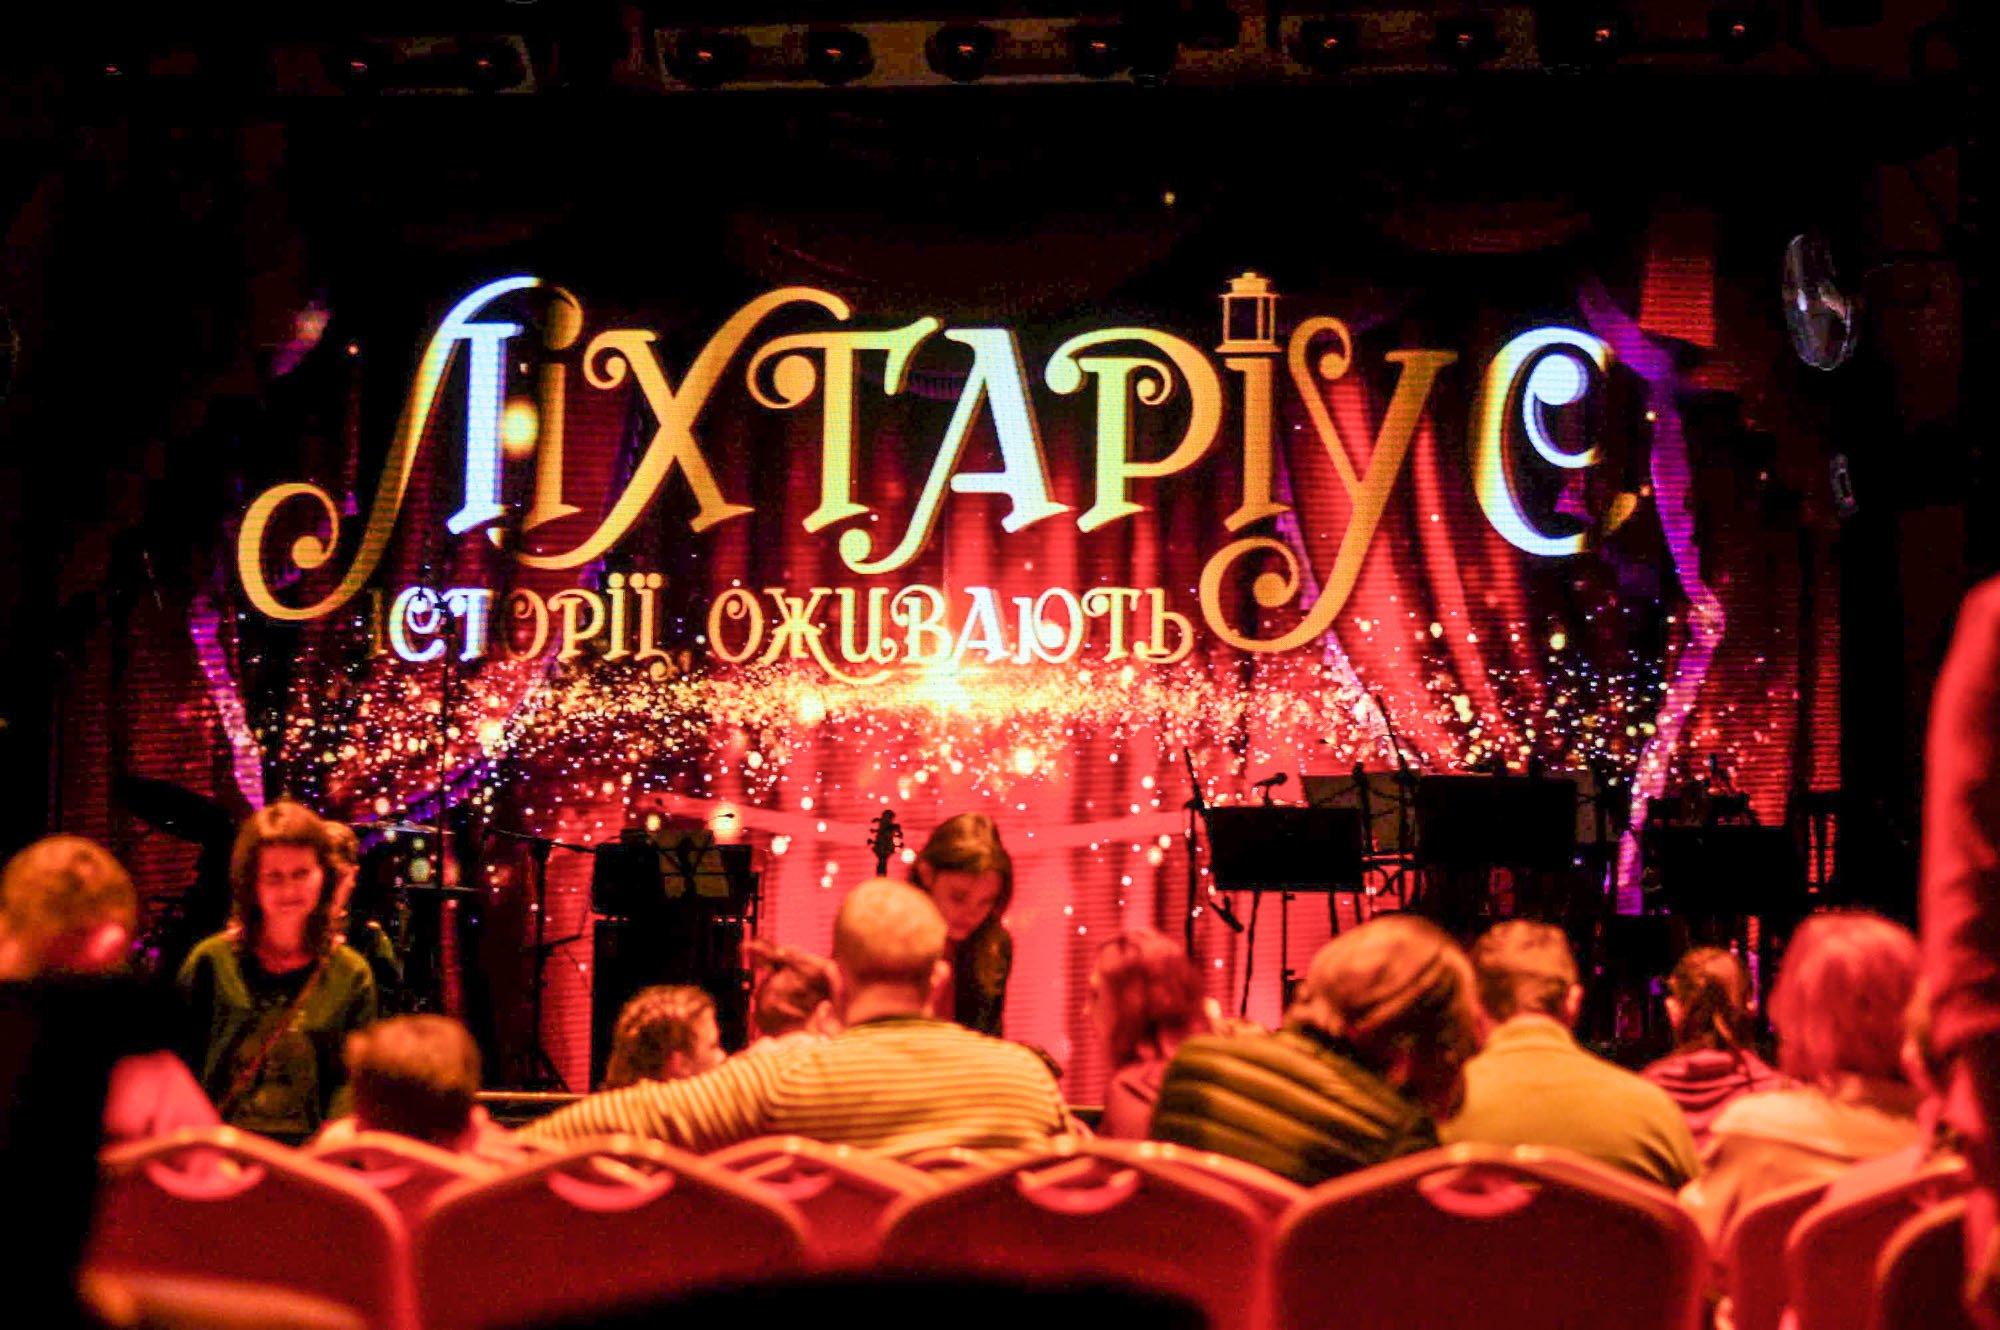 Лихтариус - яркое семейное шоу, после которого детям хочется петь